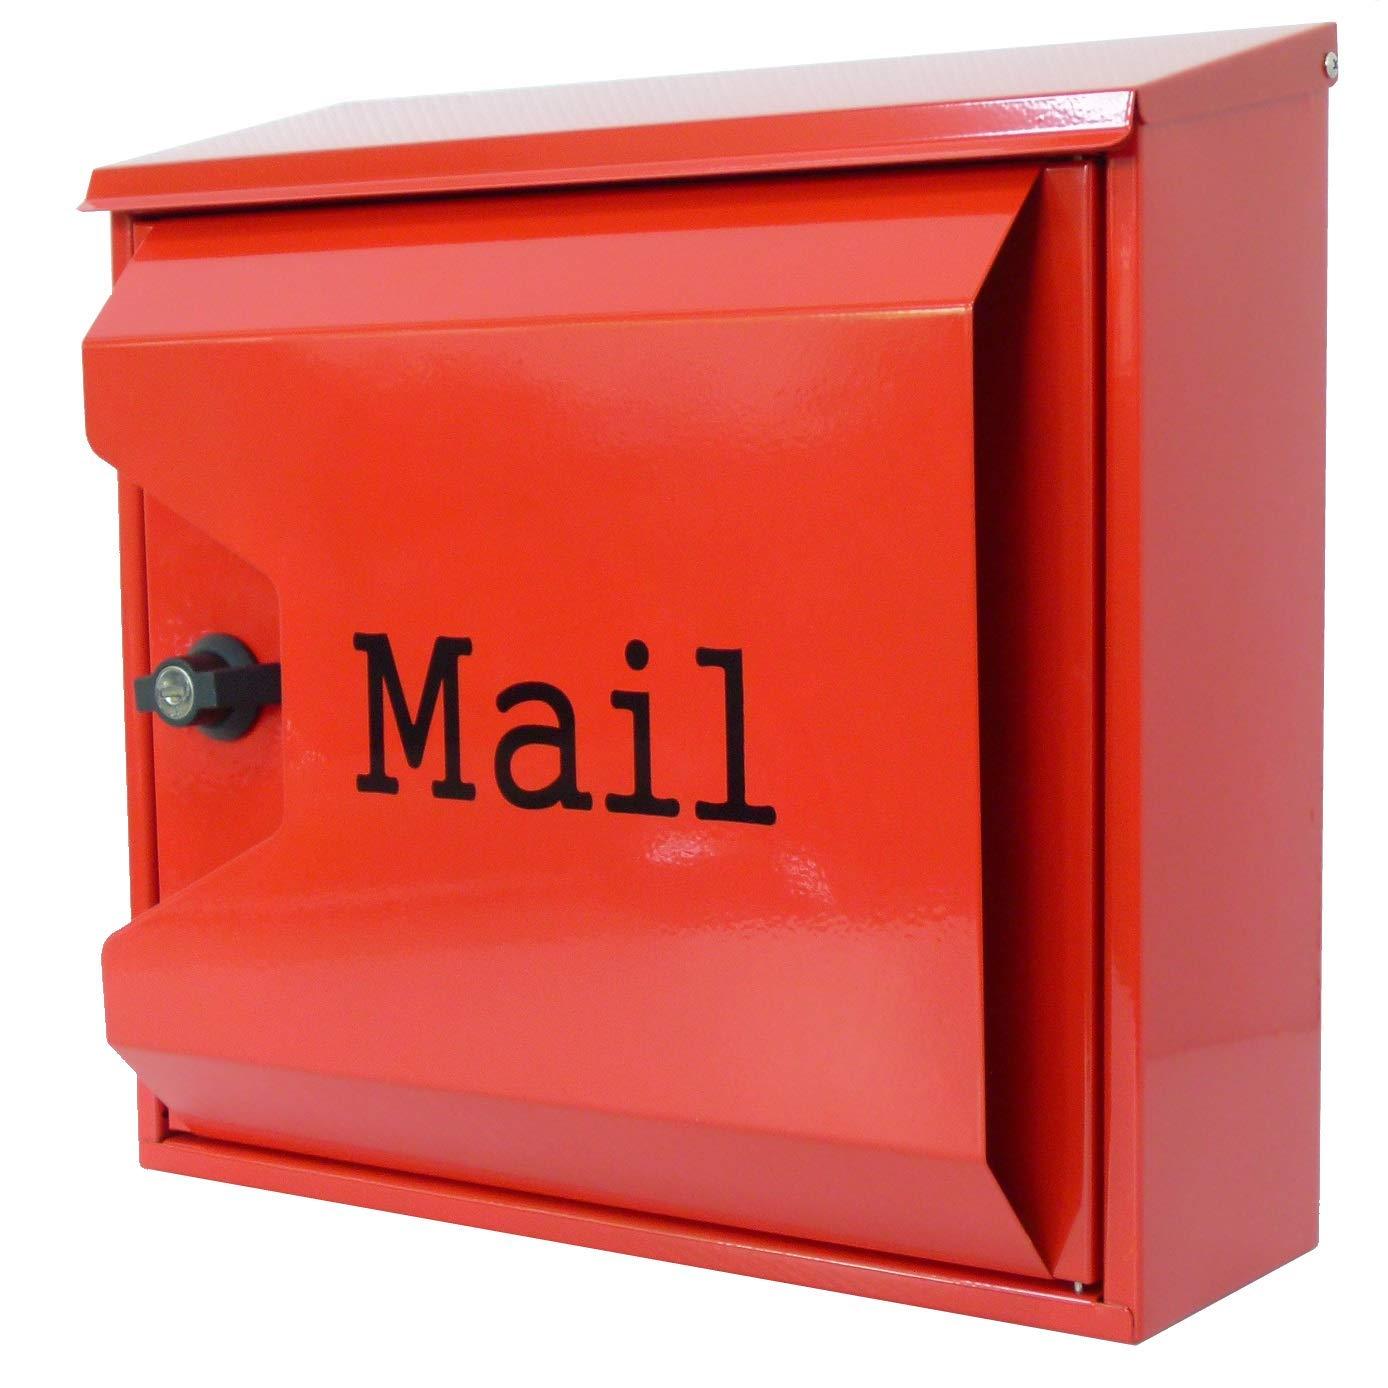 アイホーム(Ihome) 郵便ポスト pm04 pm041 大容量 レッド 奥行14.5×高さ33×幅35.5cm   B0719LQKGY